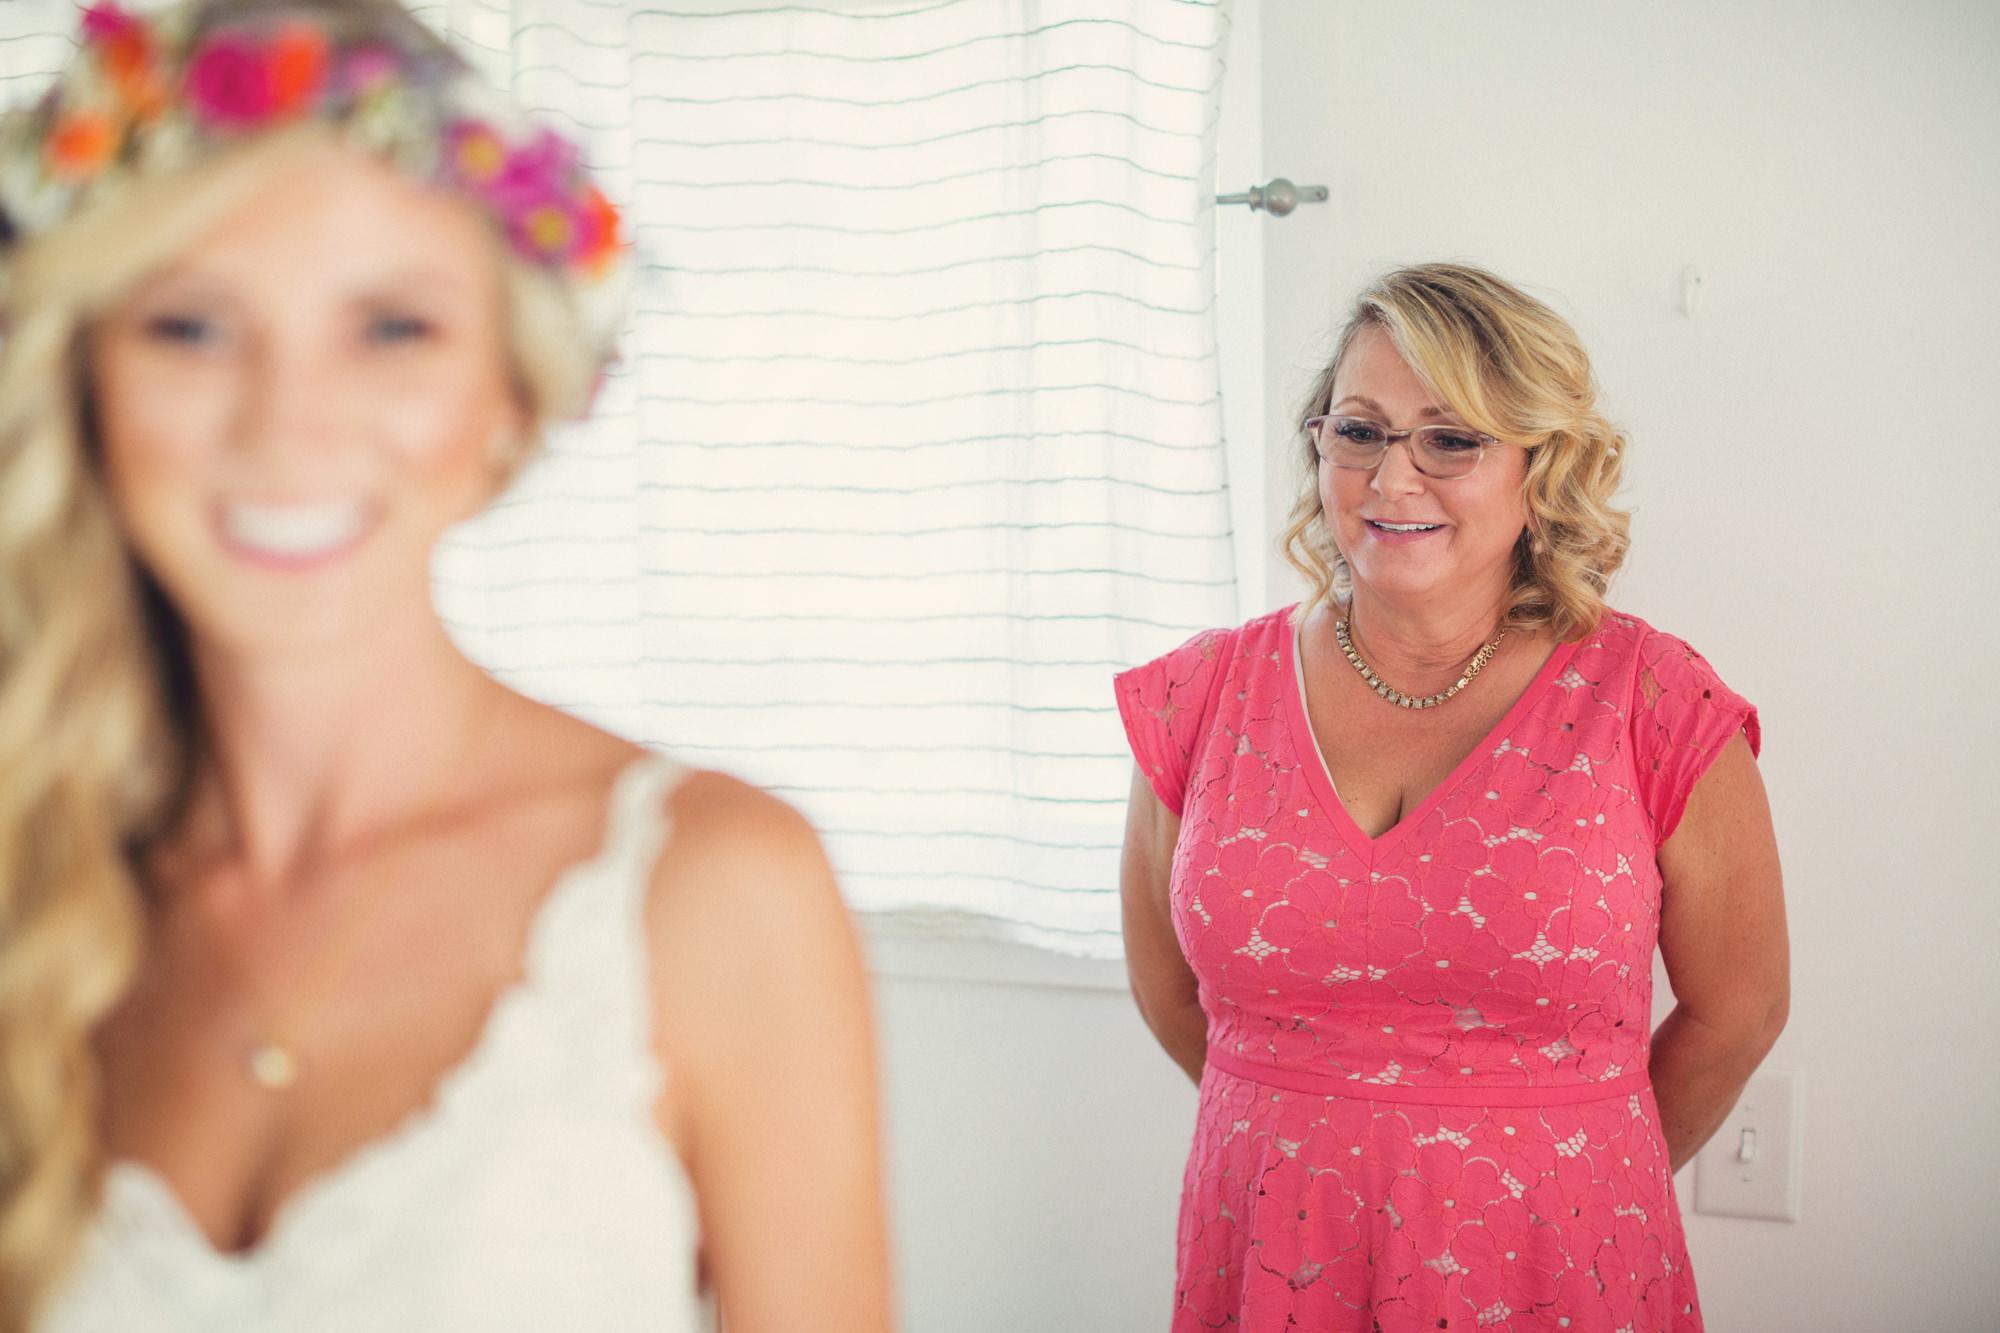 Rustic wedding in California ©Anne-Claire Brun 26